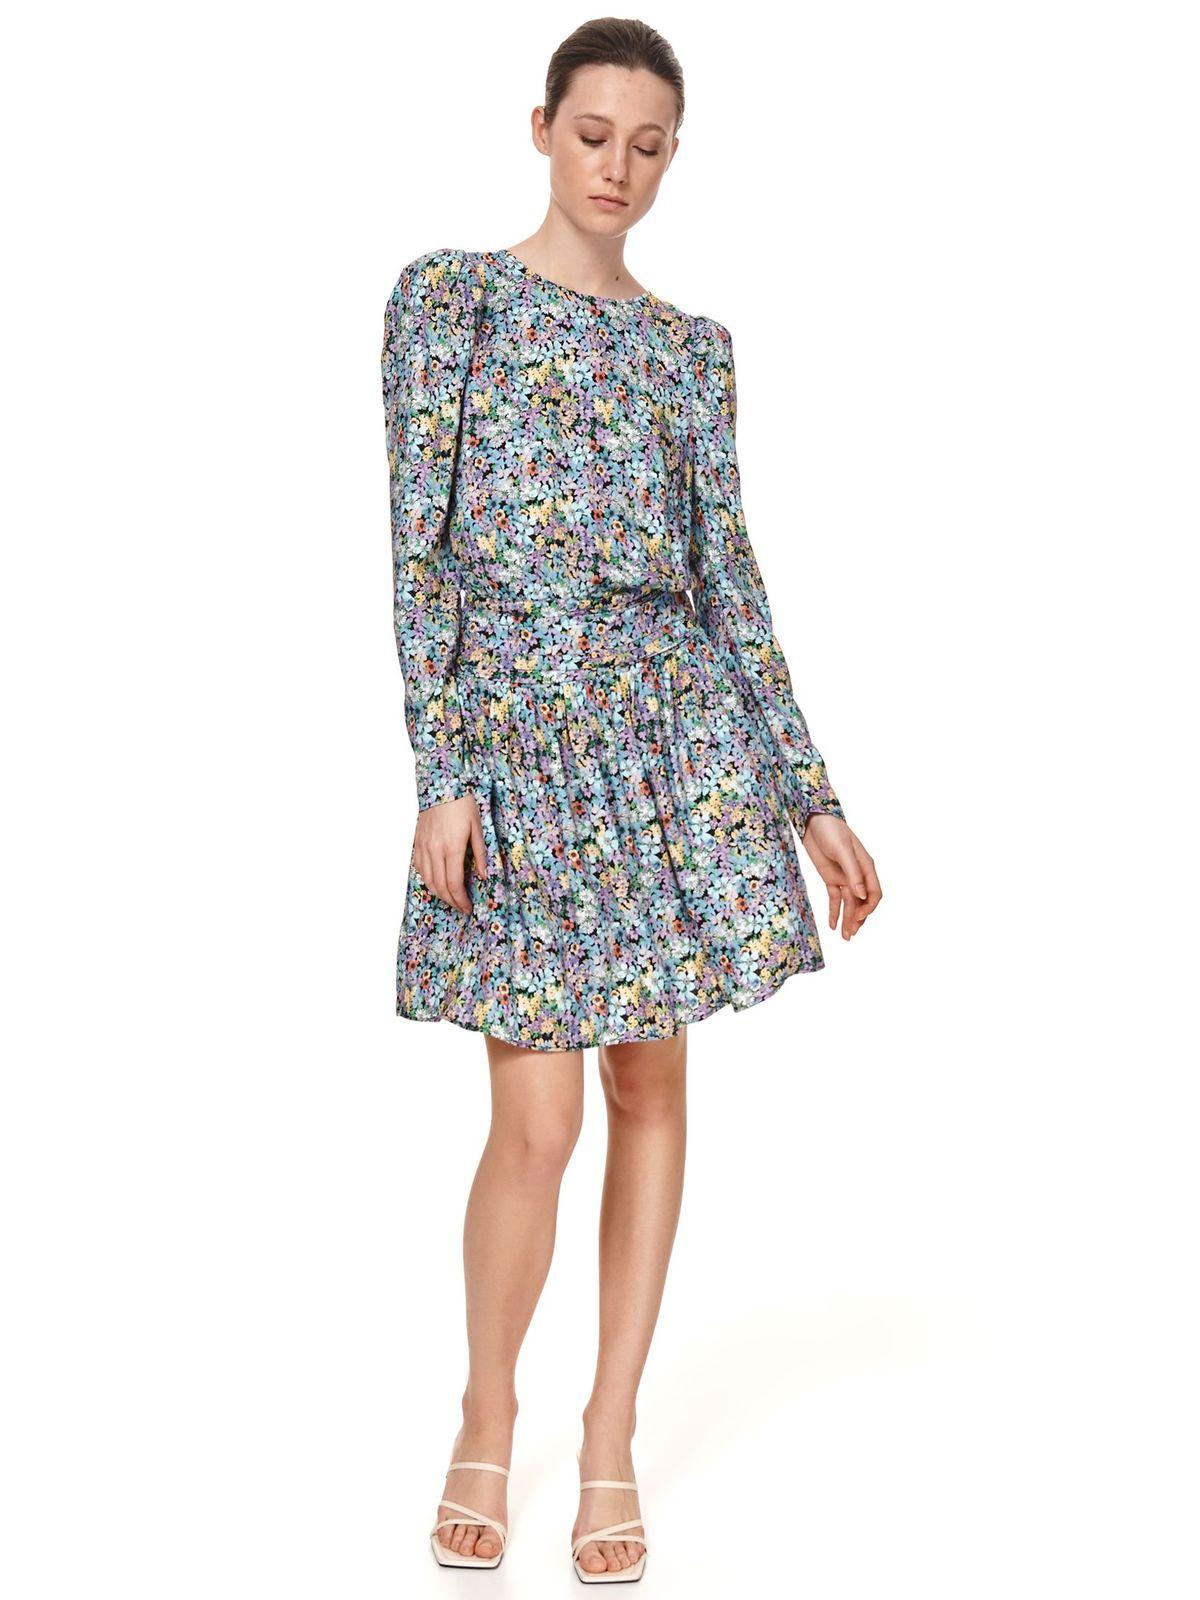 Blue dress short cut cloche long sleeved high shoulders